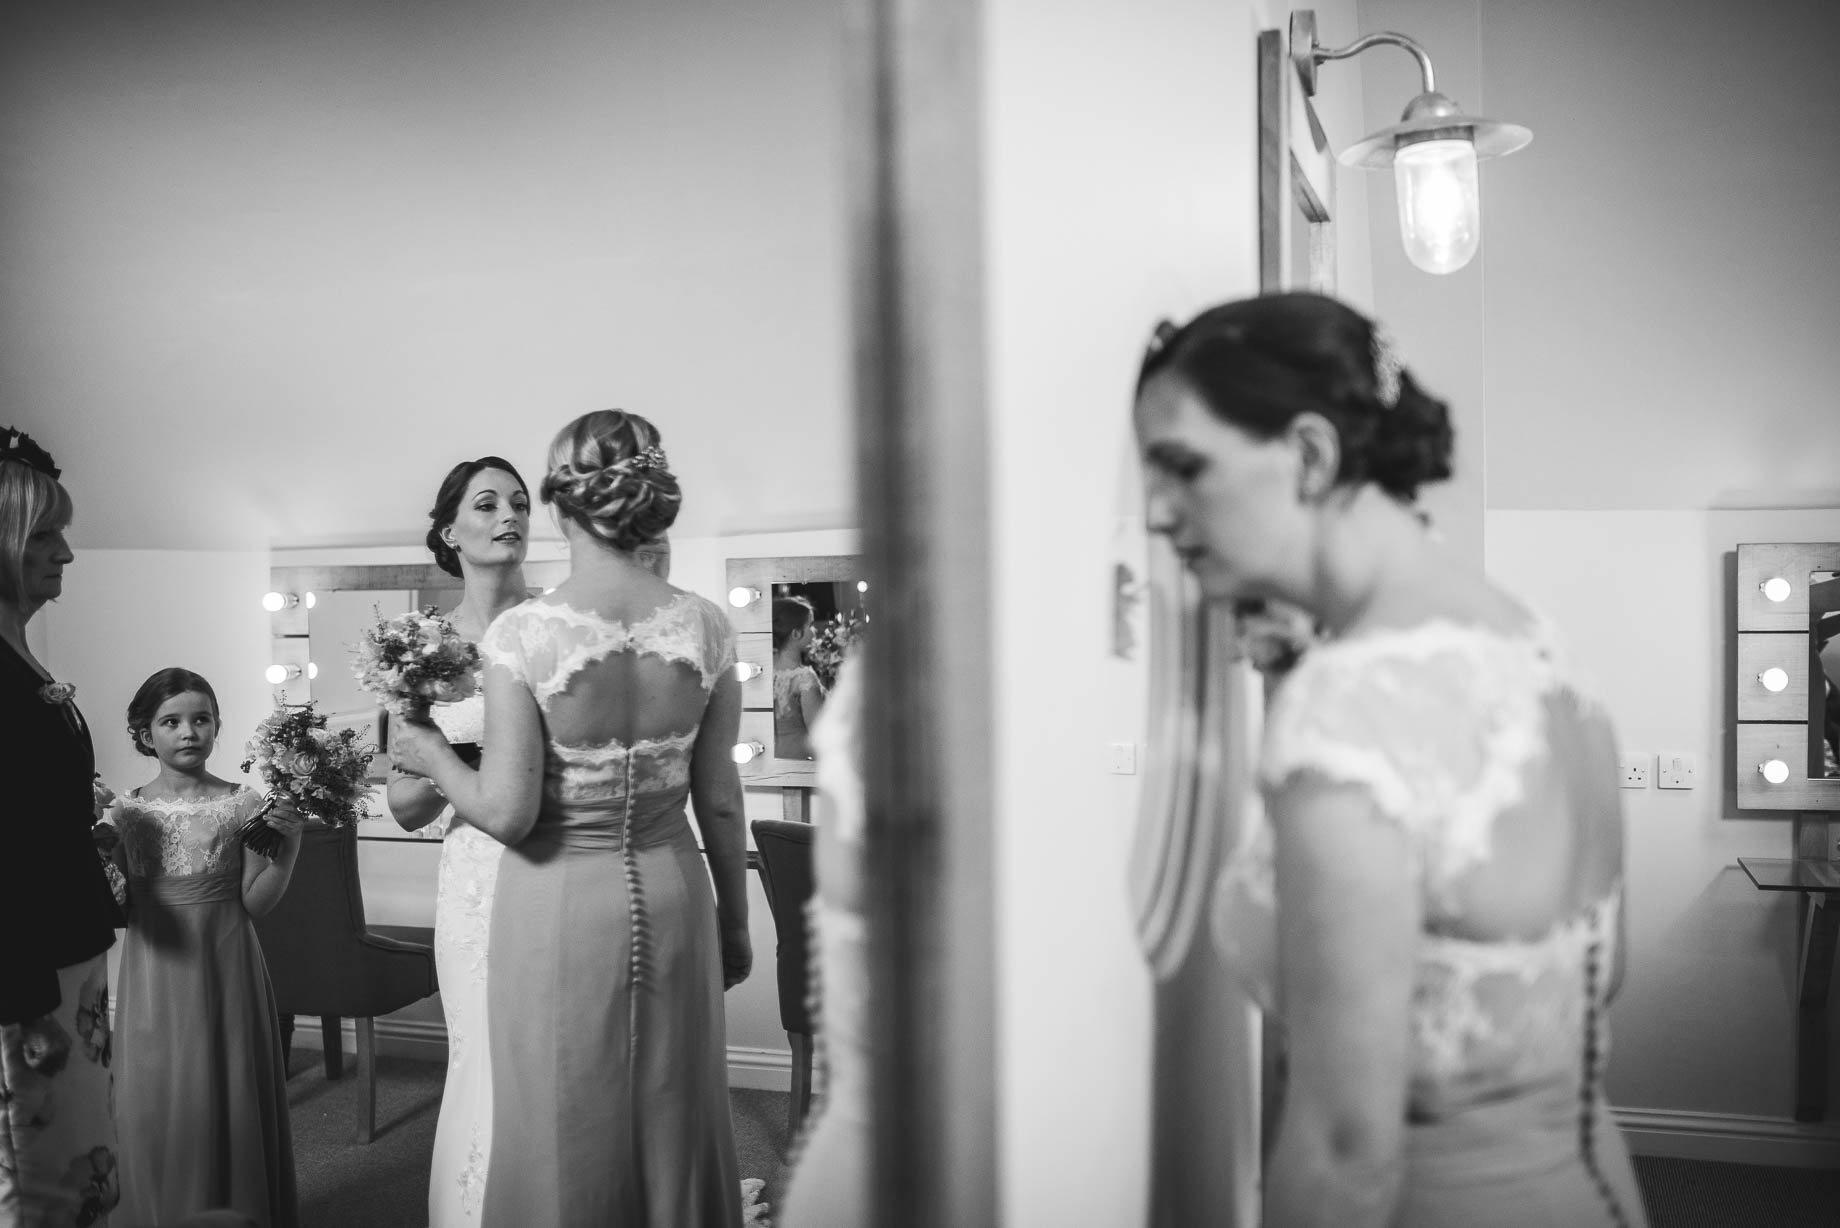 Millbridge Court Wedding Photography - Lisa and Daniel (52 of 173)